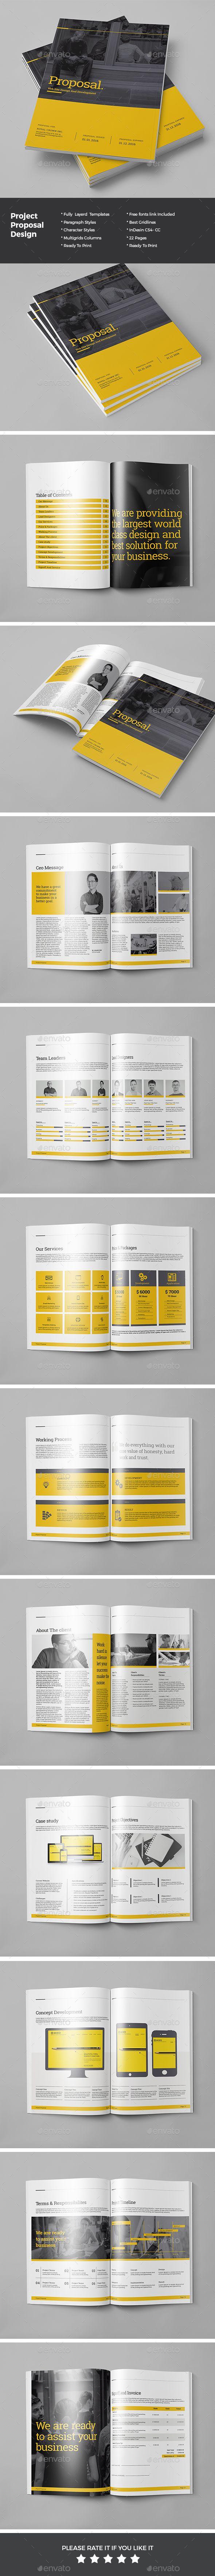 Proposal Template InDesign INDD #design Download: http://graphicriver.net/item/proposal/14419205?ref=ksioks